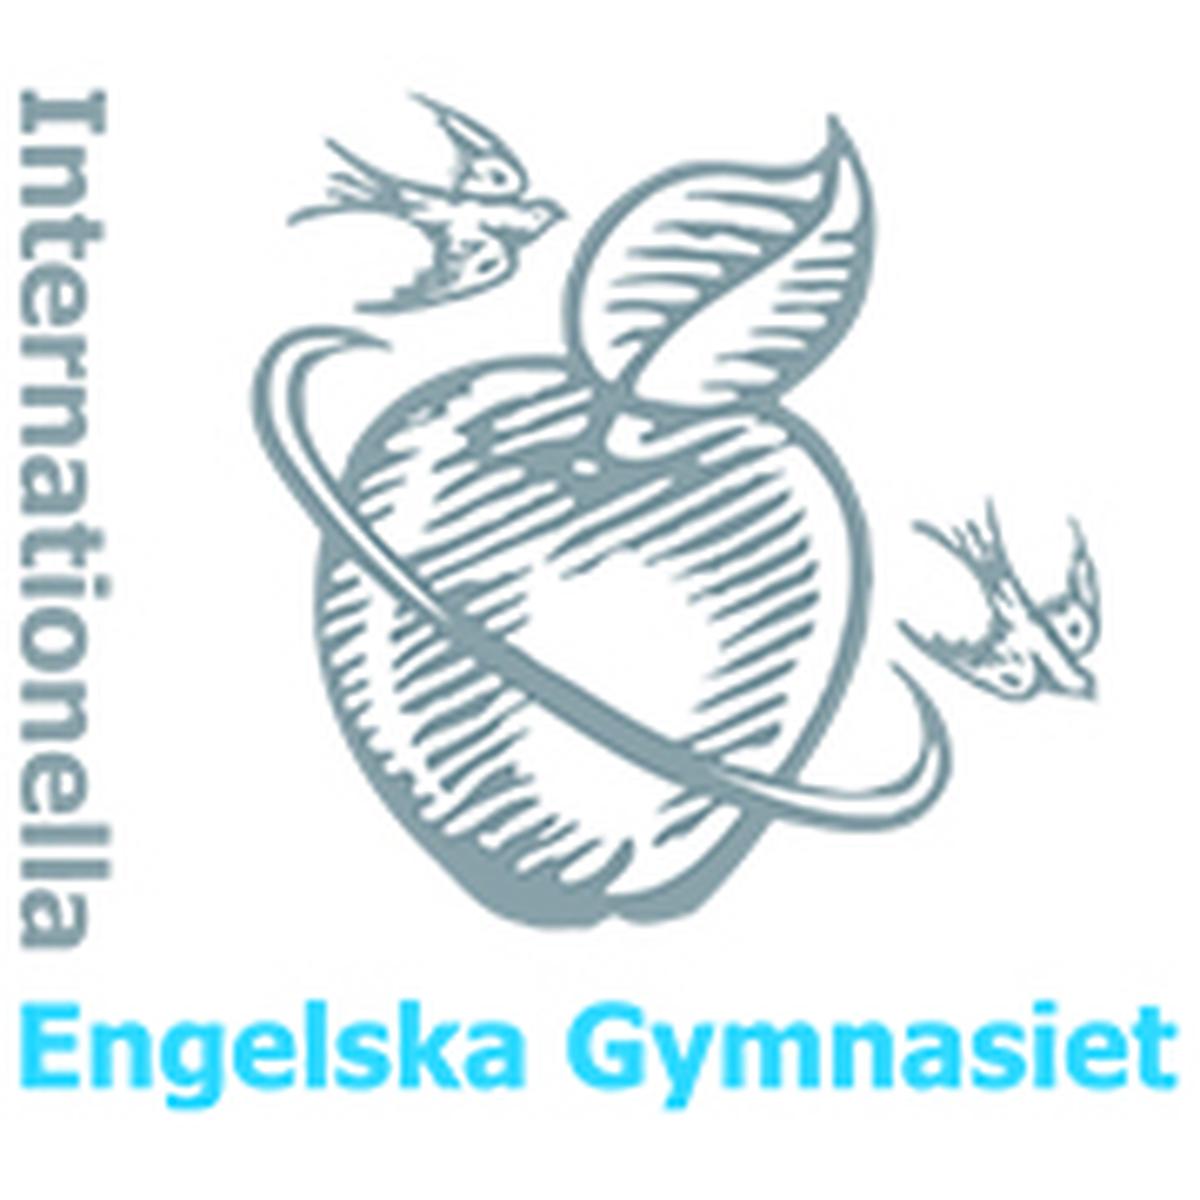 Internationella Engelska Gymnasiet Södermalm (IEGS)